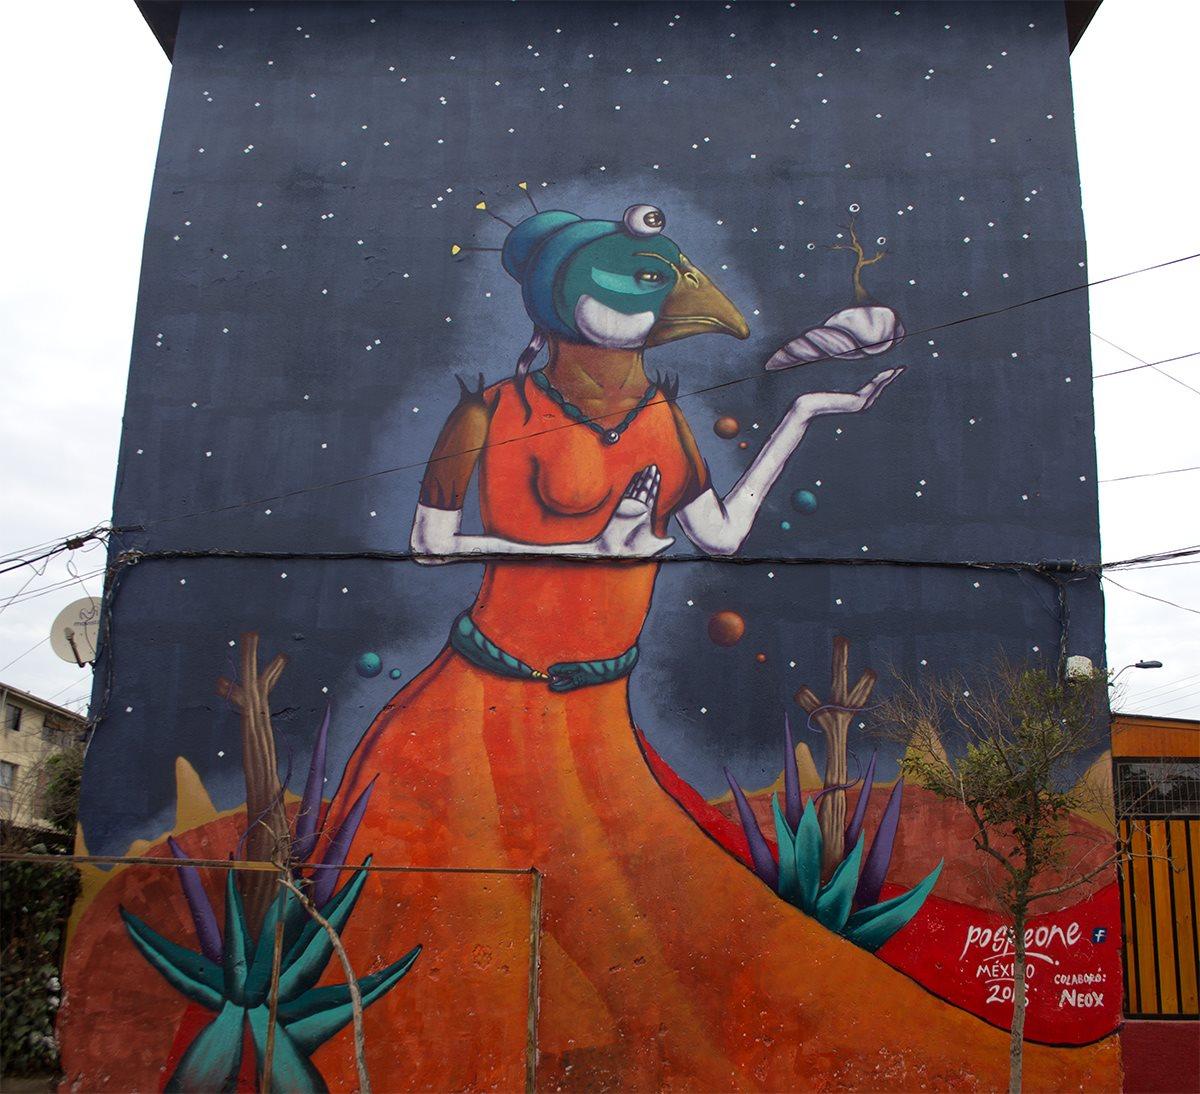 Mujer, tierra y vida. Mural de Posk en Santiago de Chile. Foto: Cortesía de Posk.